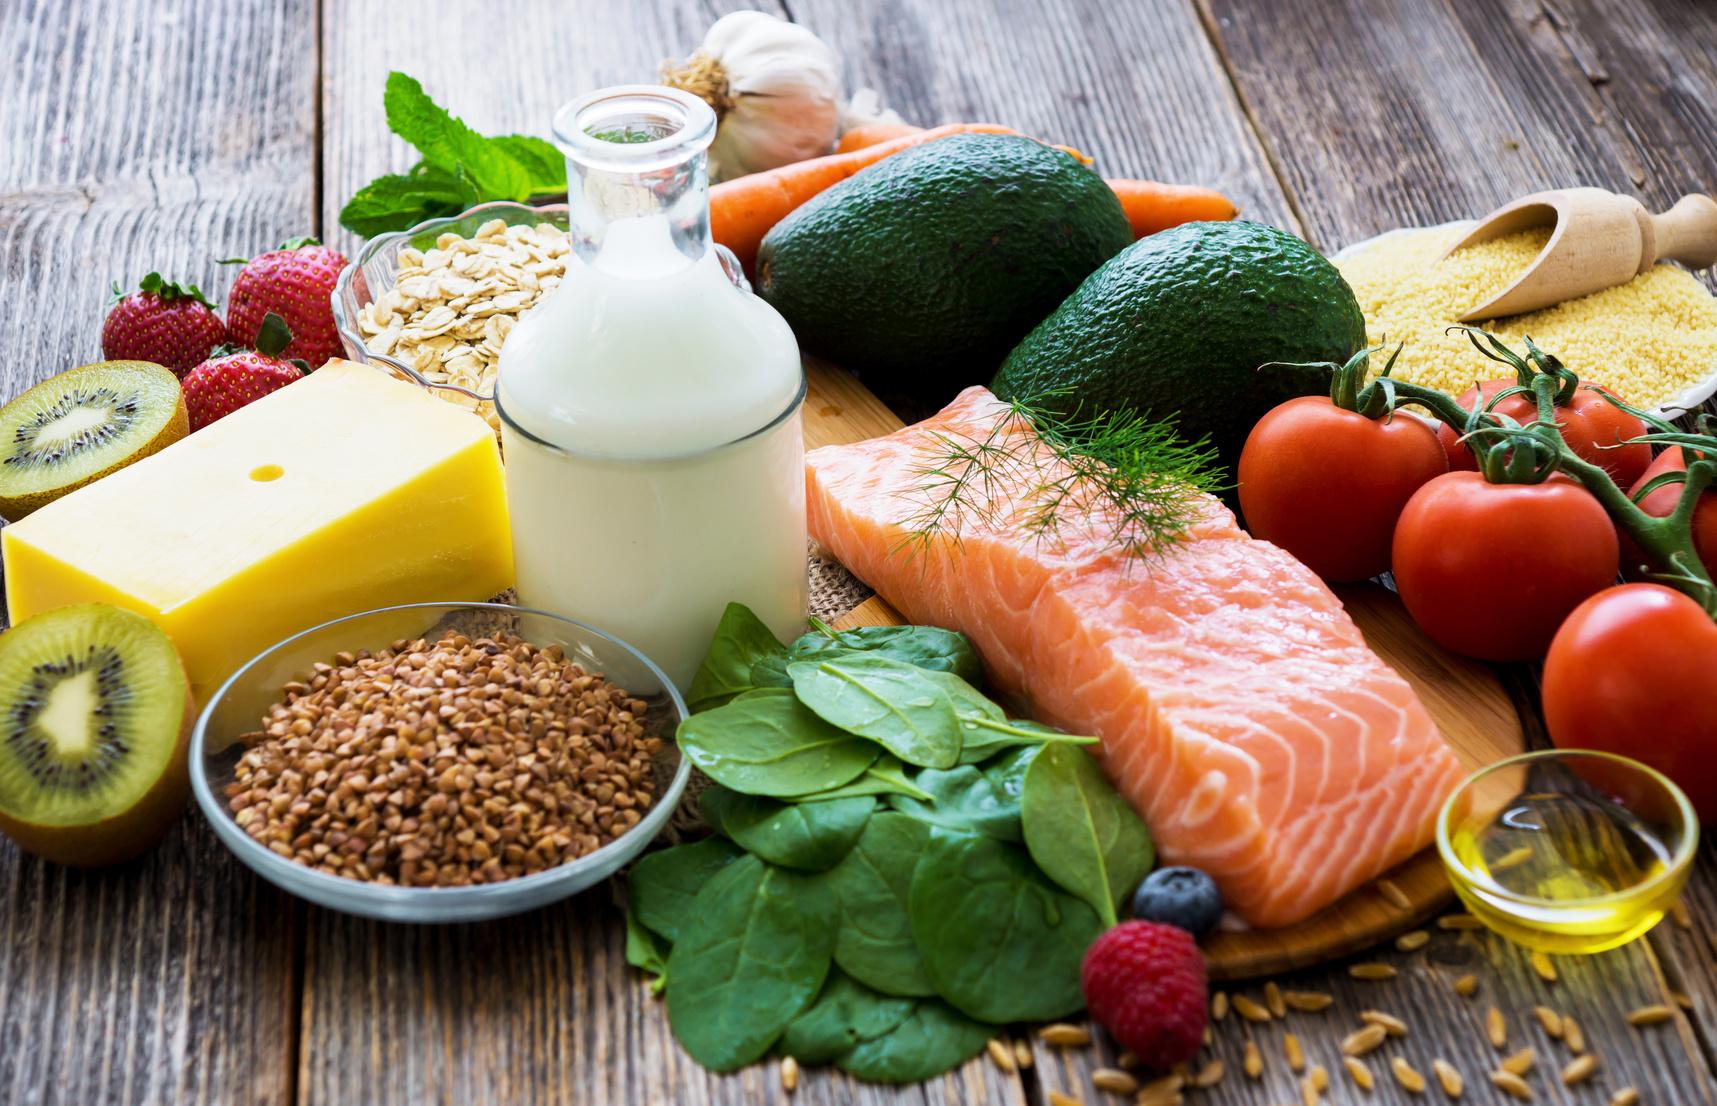 mit leinsamen abnehmen - nährwerte, wirkung und gesunde rezepte ...